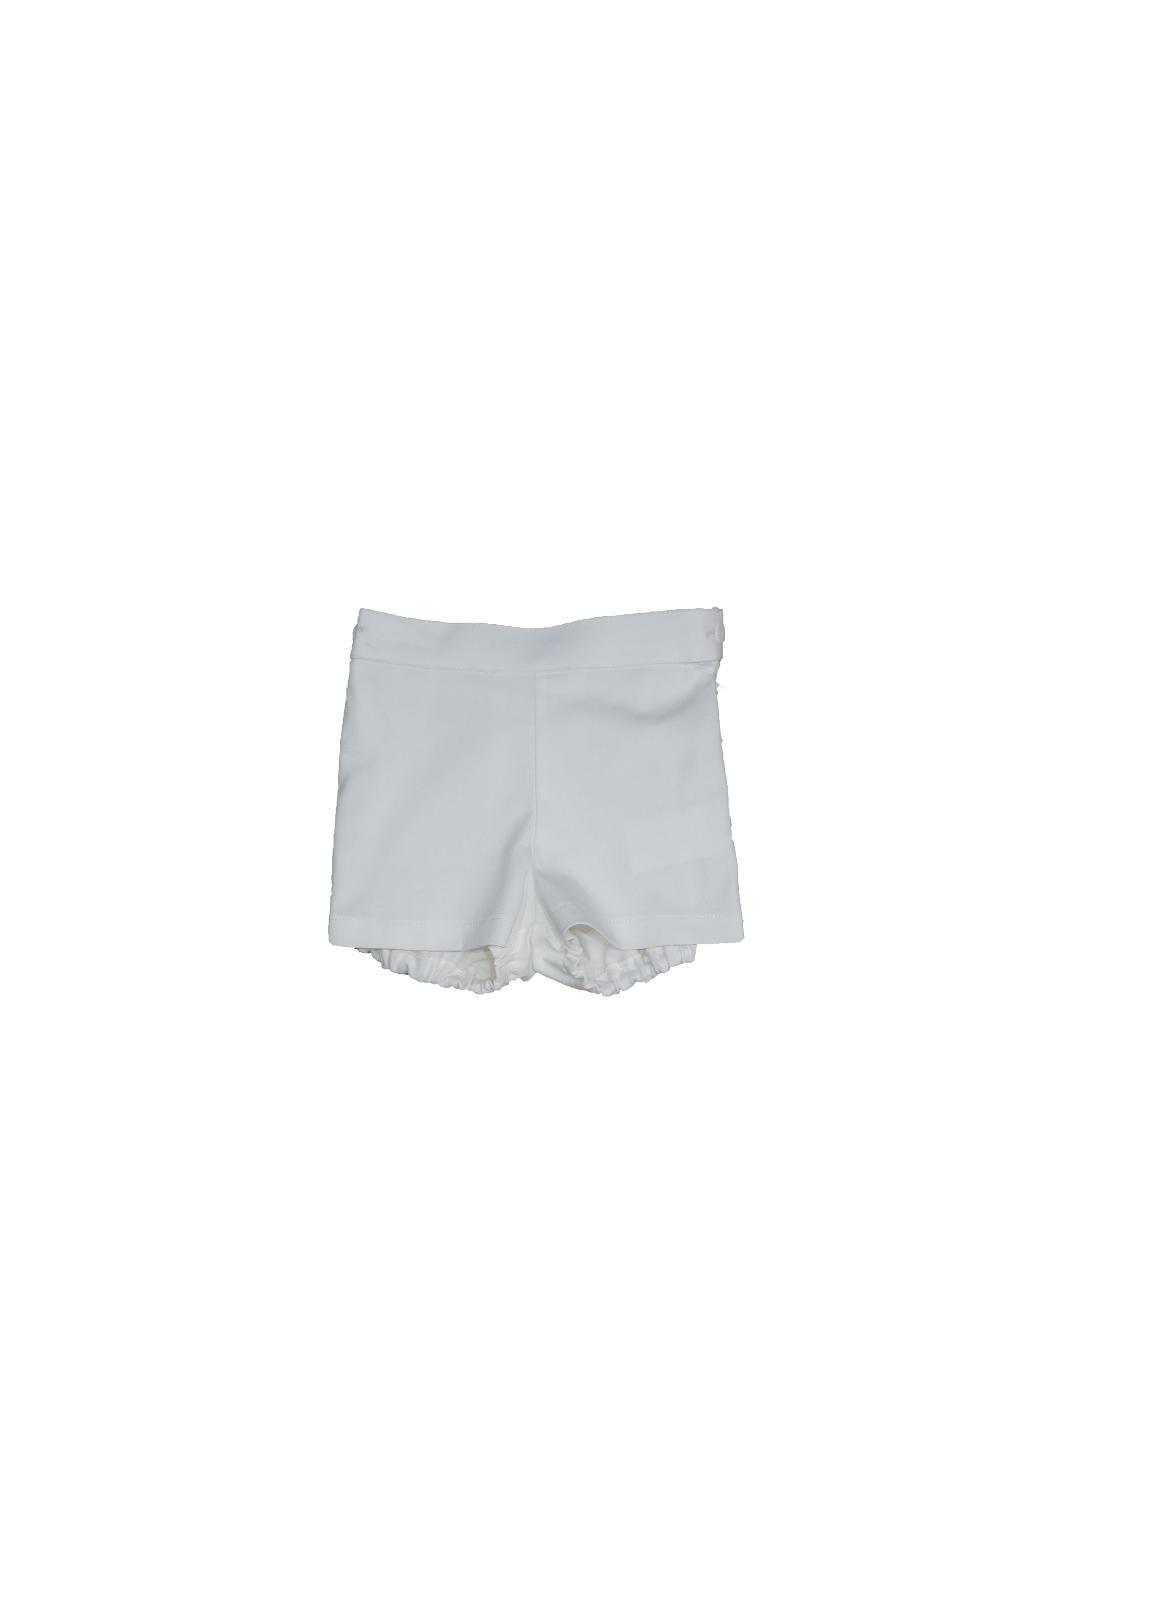 Pantalón corto Ancar color blanco.